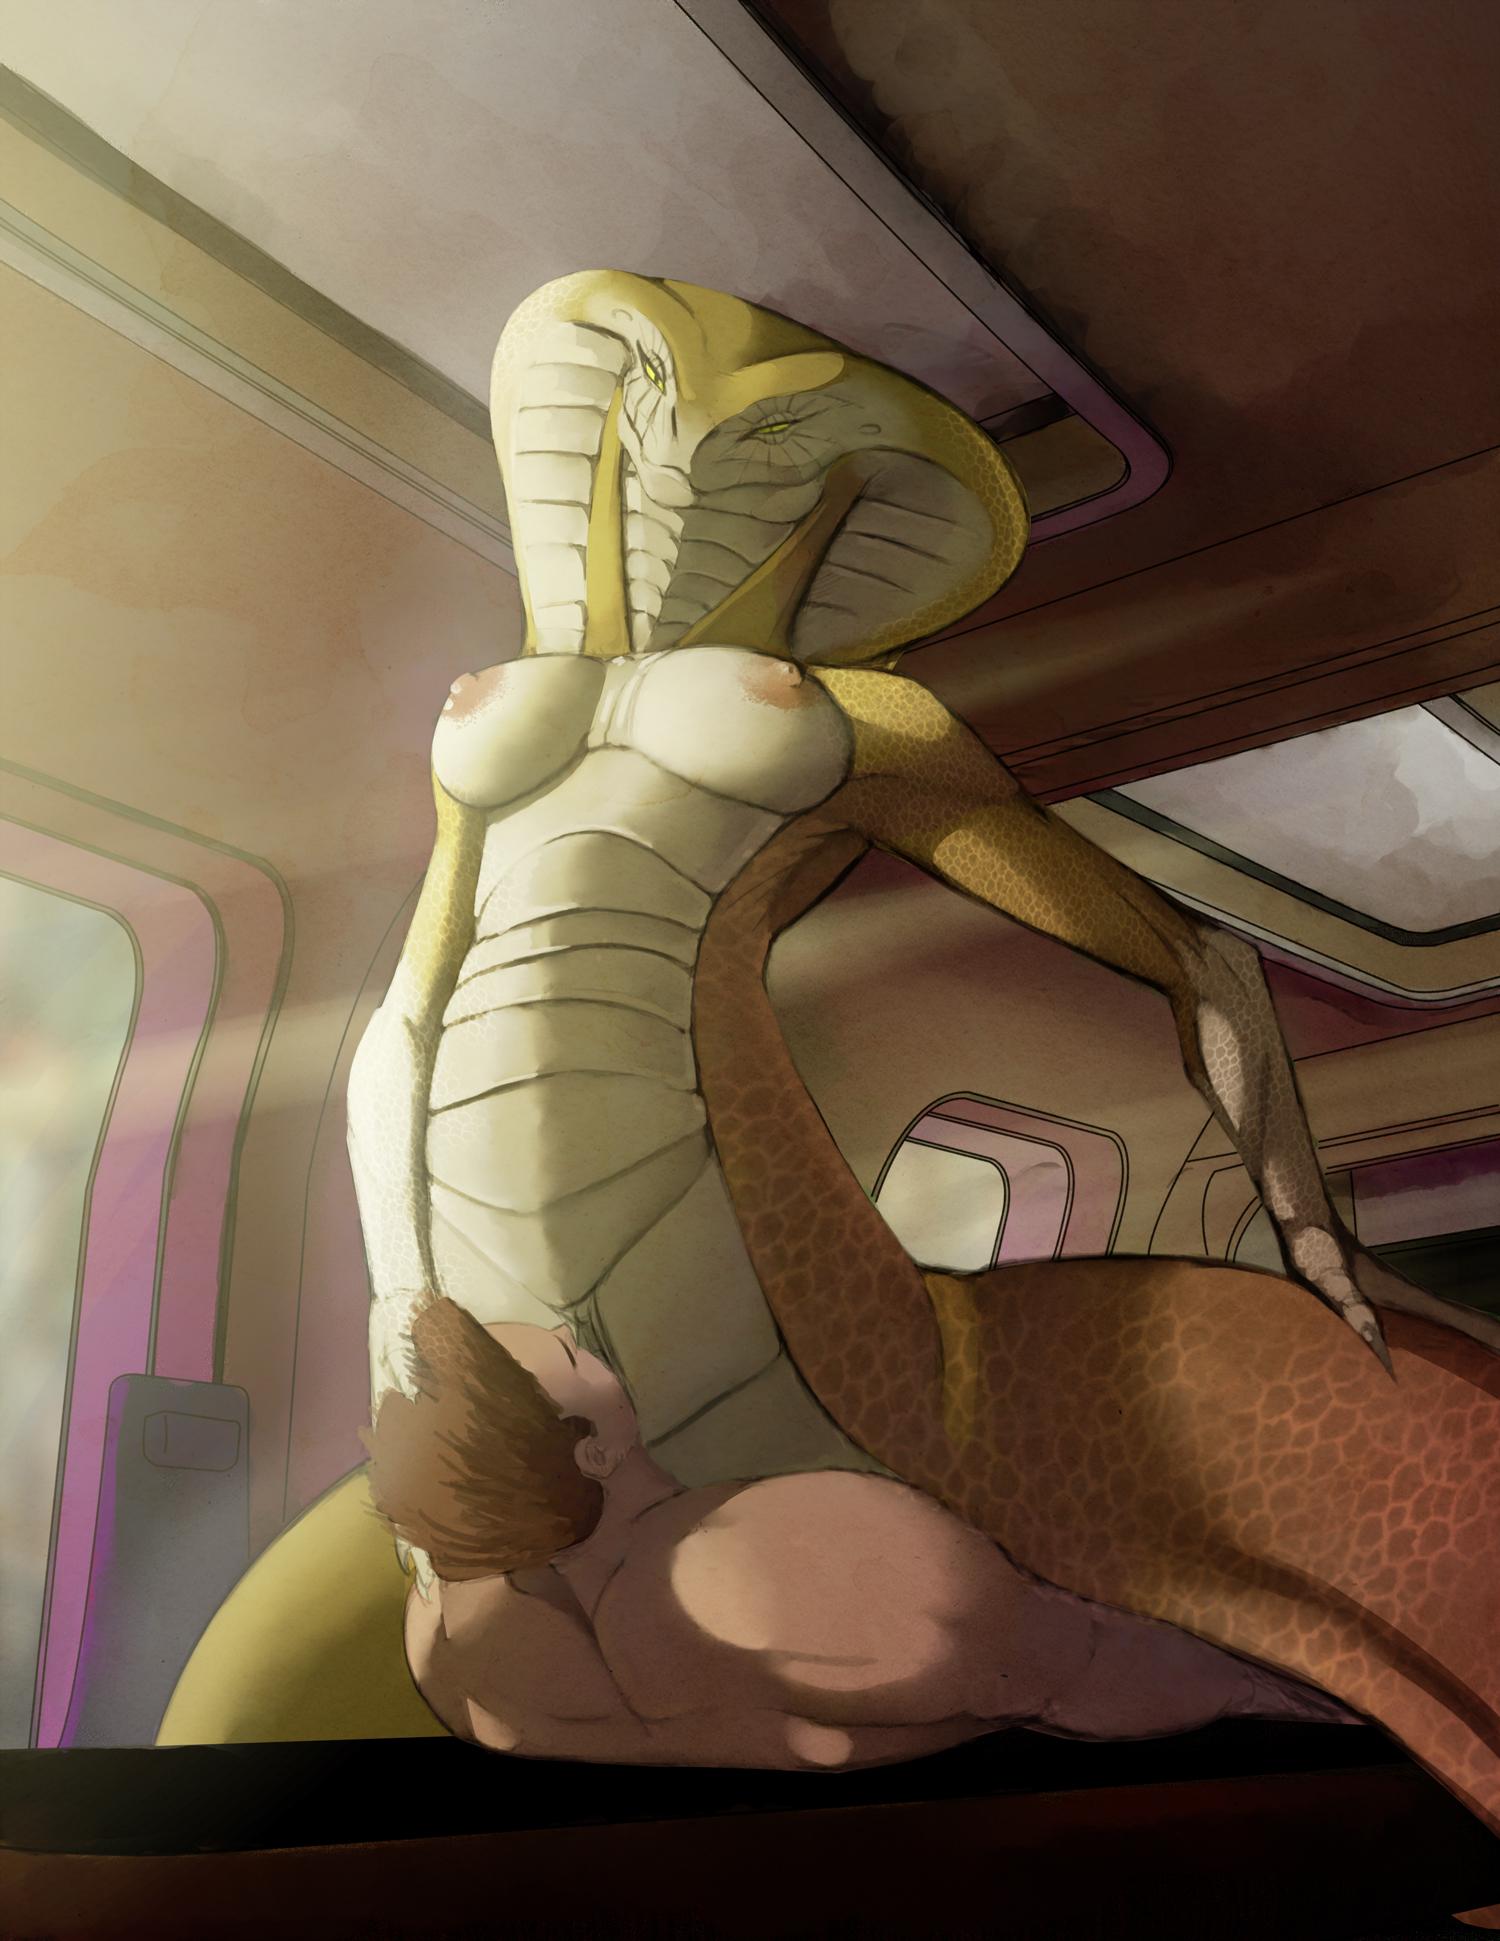 Snake and human porn